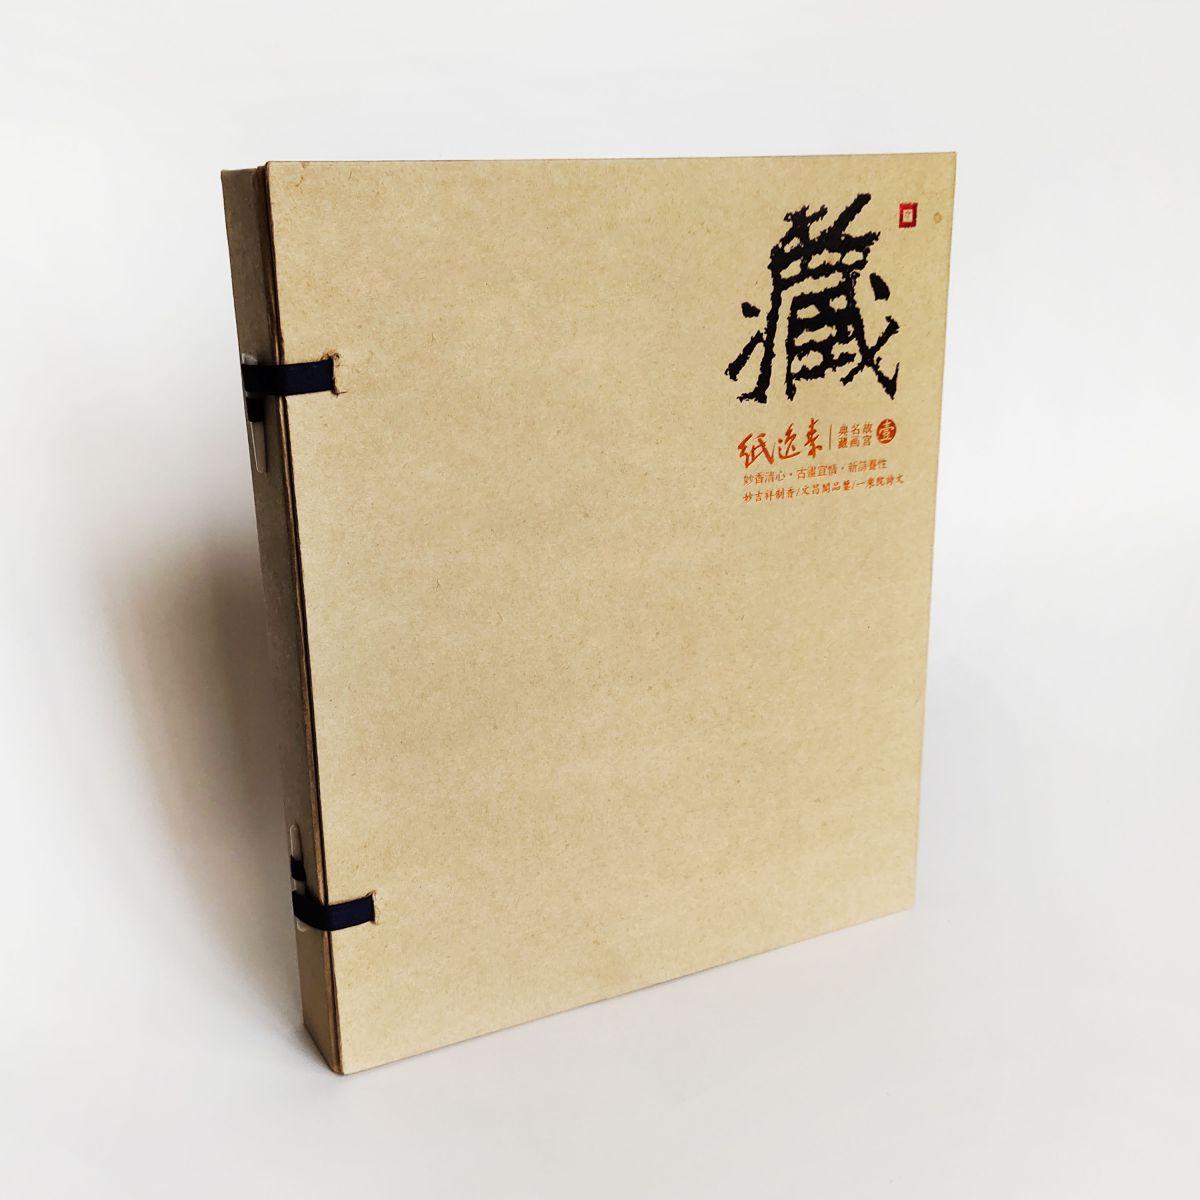 Bavora Full Color Printing Co., Ltd.